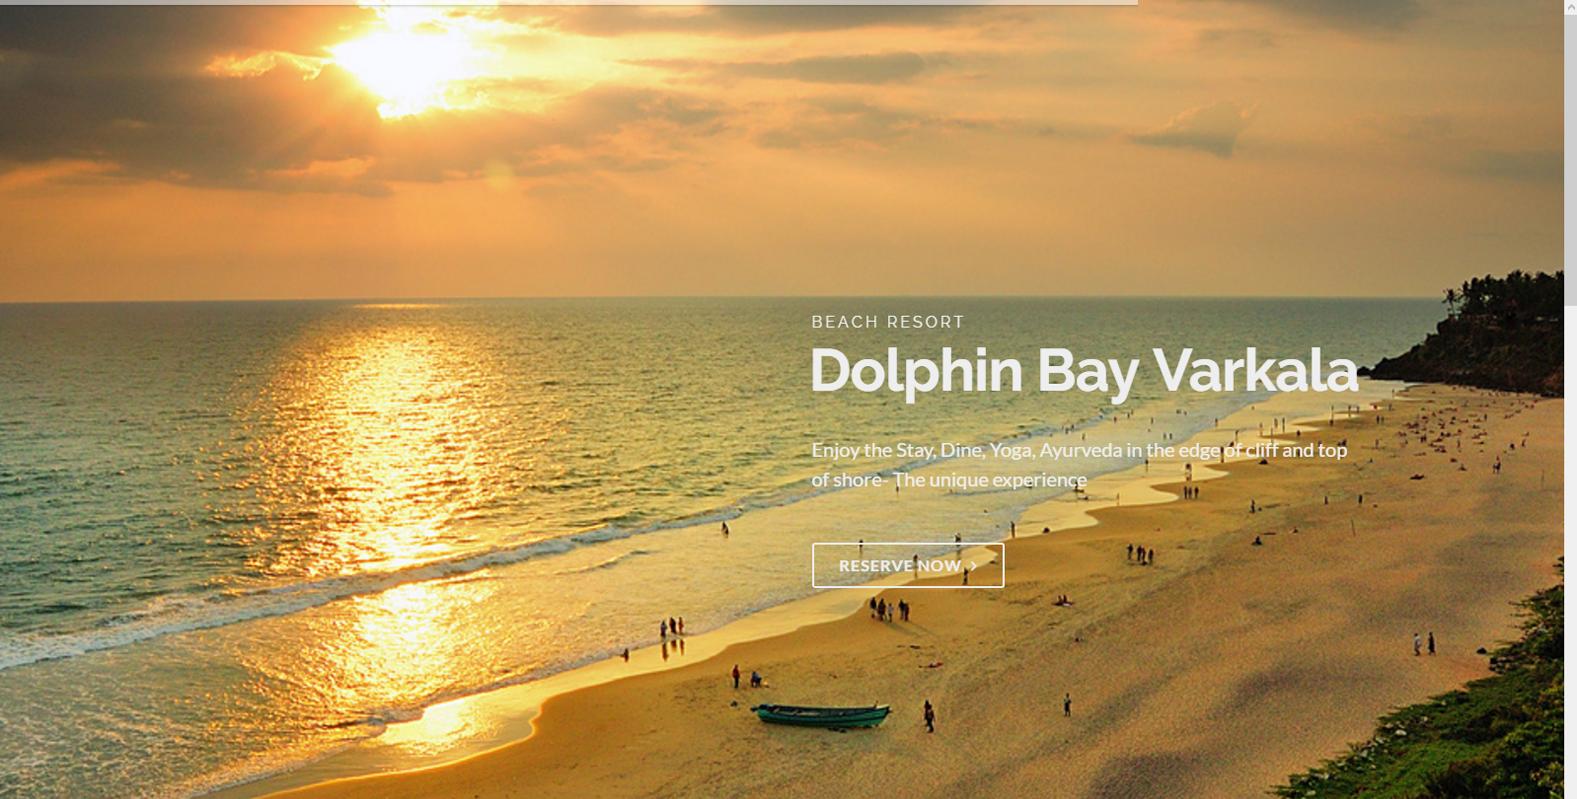 Dolphin Bay Varkala